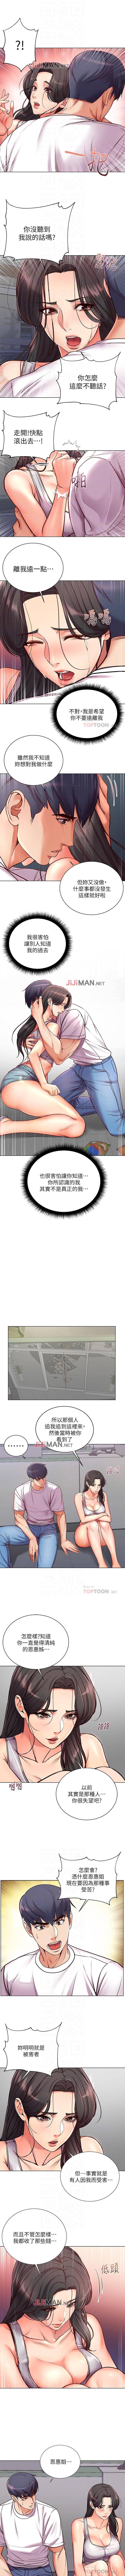 【周三连载】超市的漂亮姐姐(作者:北鼻&逃兵) 第1~40话 210